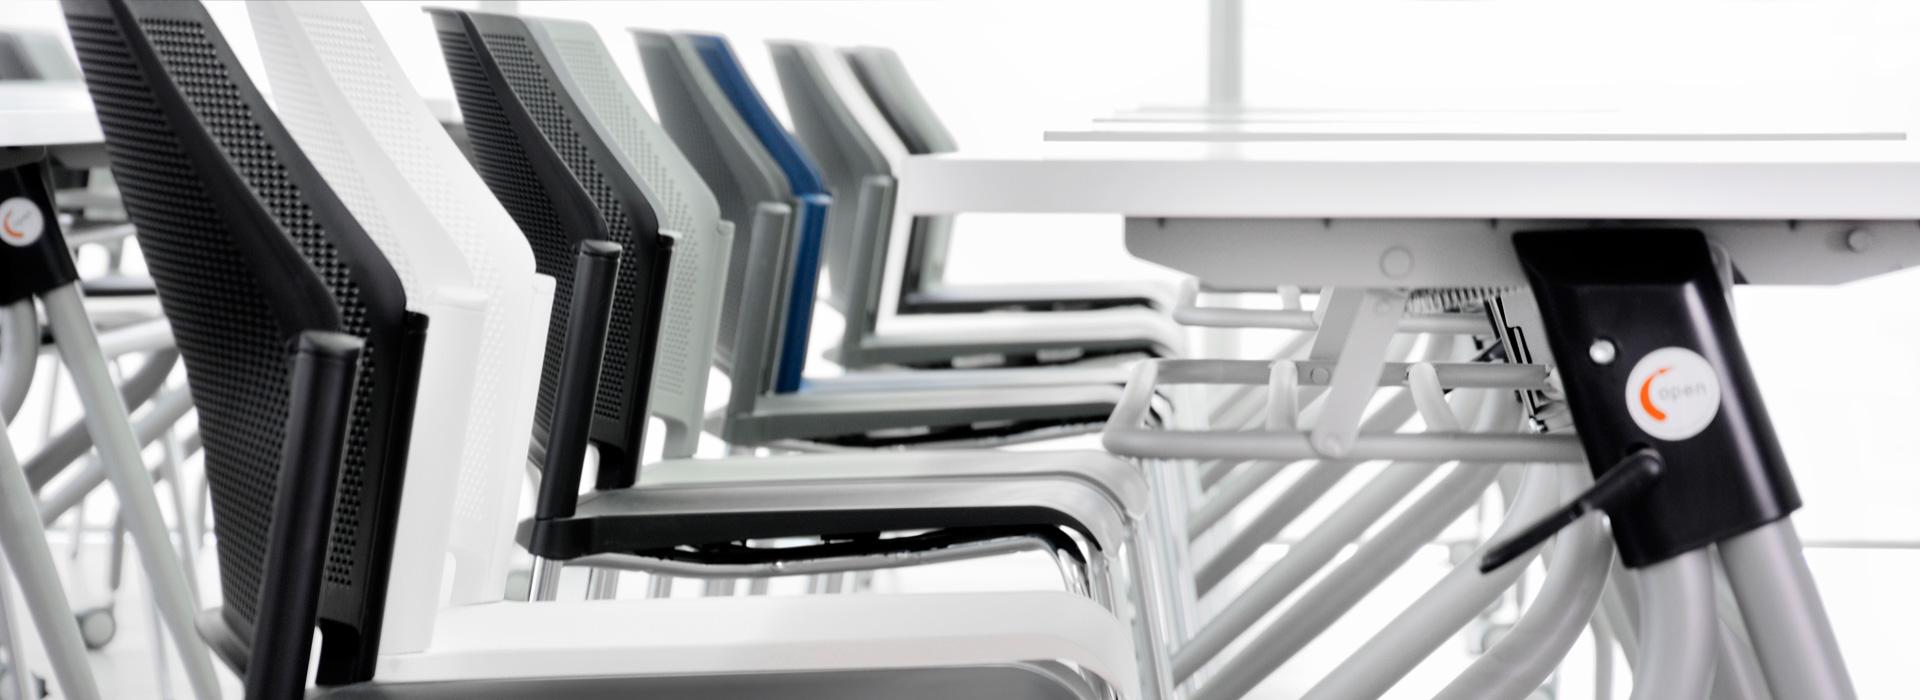 Muebles para oficina df muebles para oficina en m xico for Muebles de oficina ahora 12